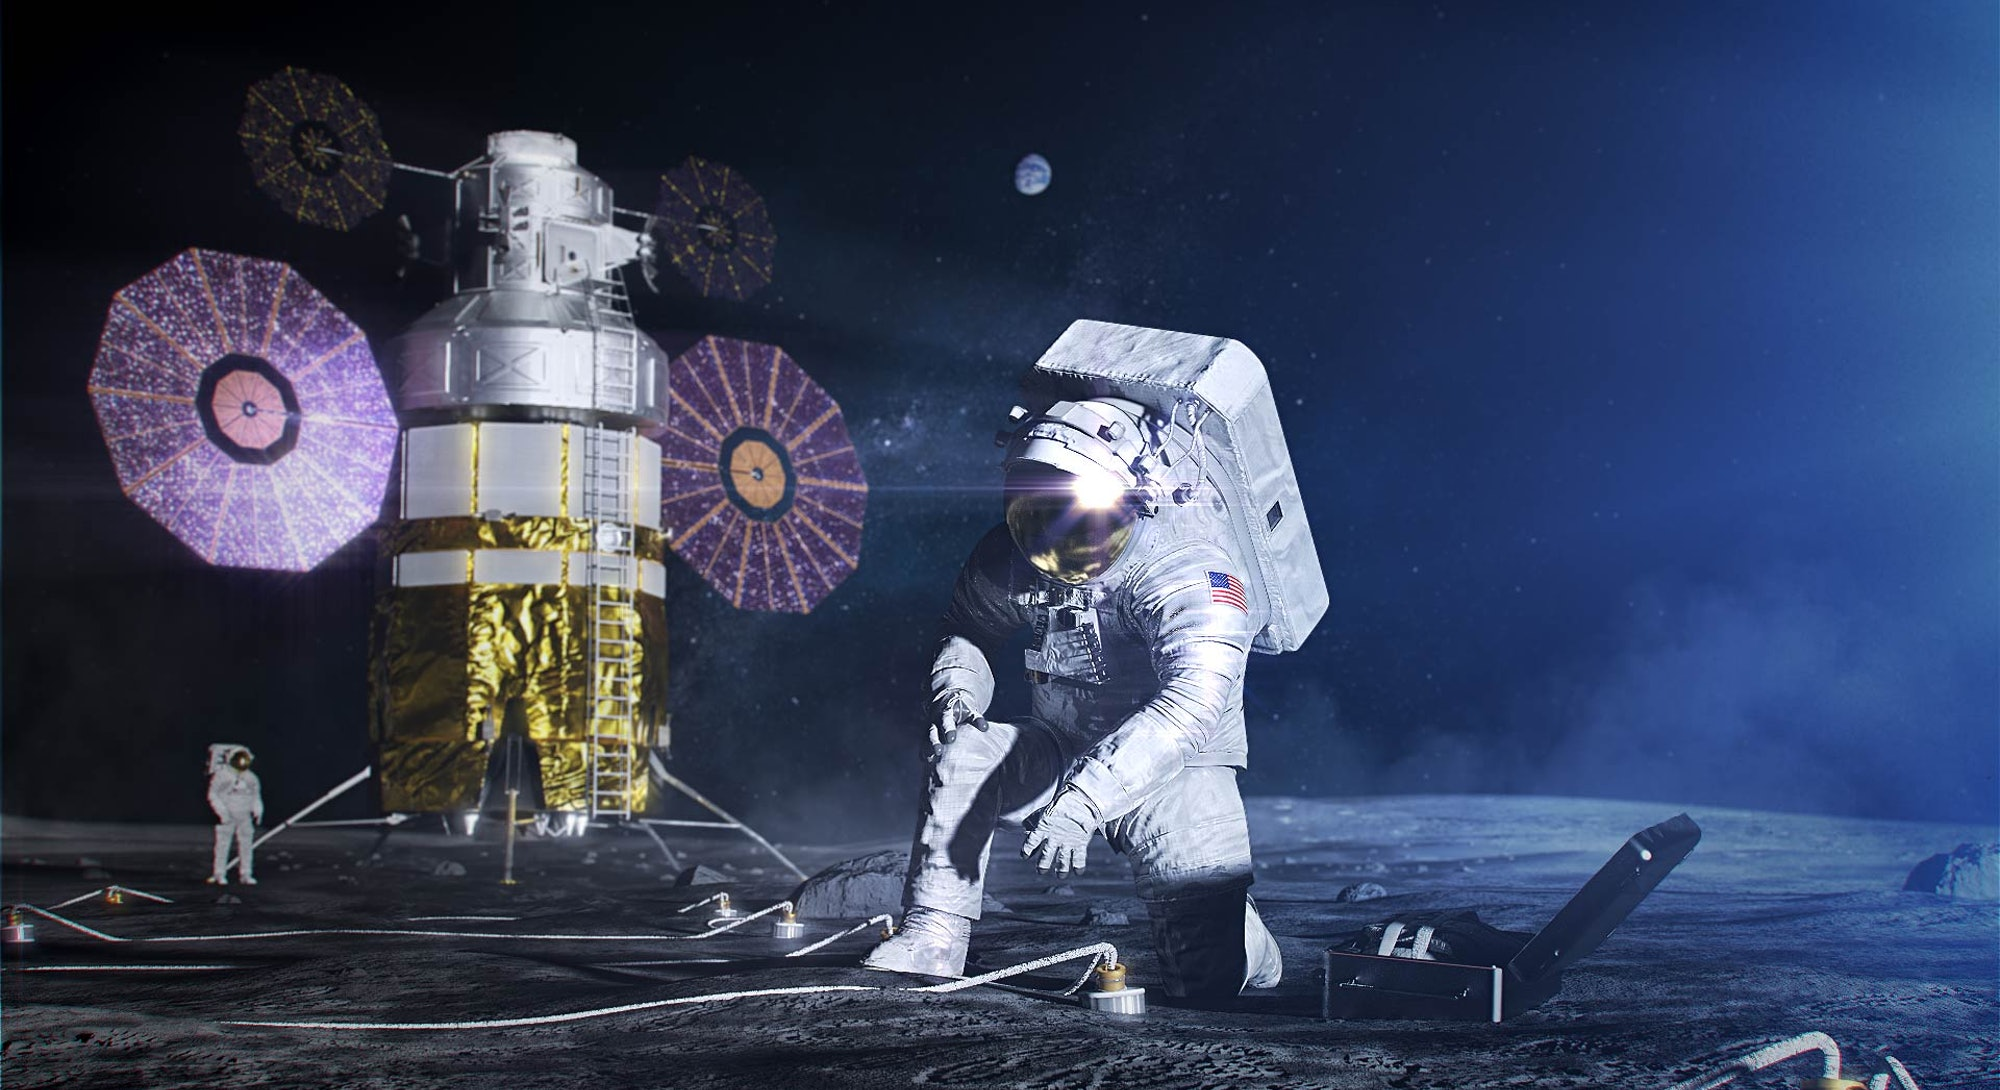 illustration of astronaut on moon